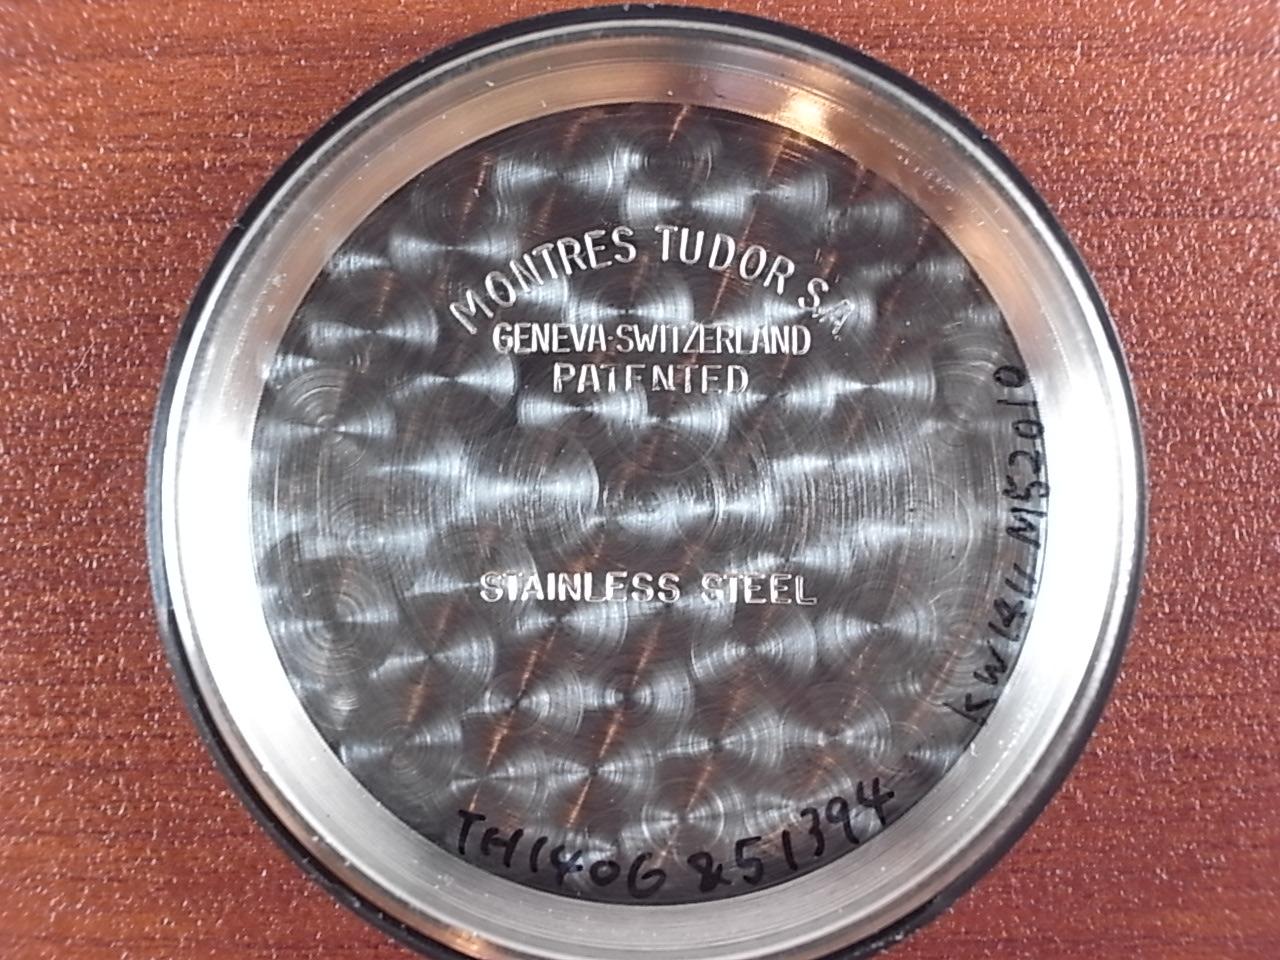 チュードル 小バラ オイスタープリンス ローターセルフワインディング 1950年代の写真6枚目